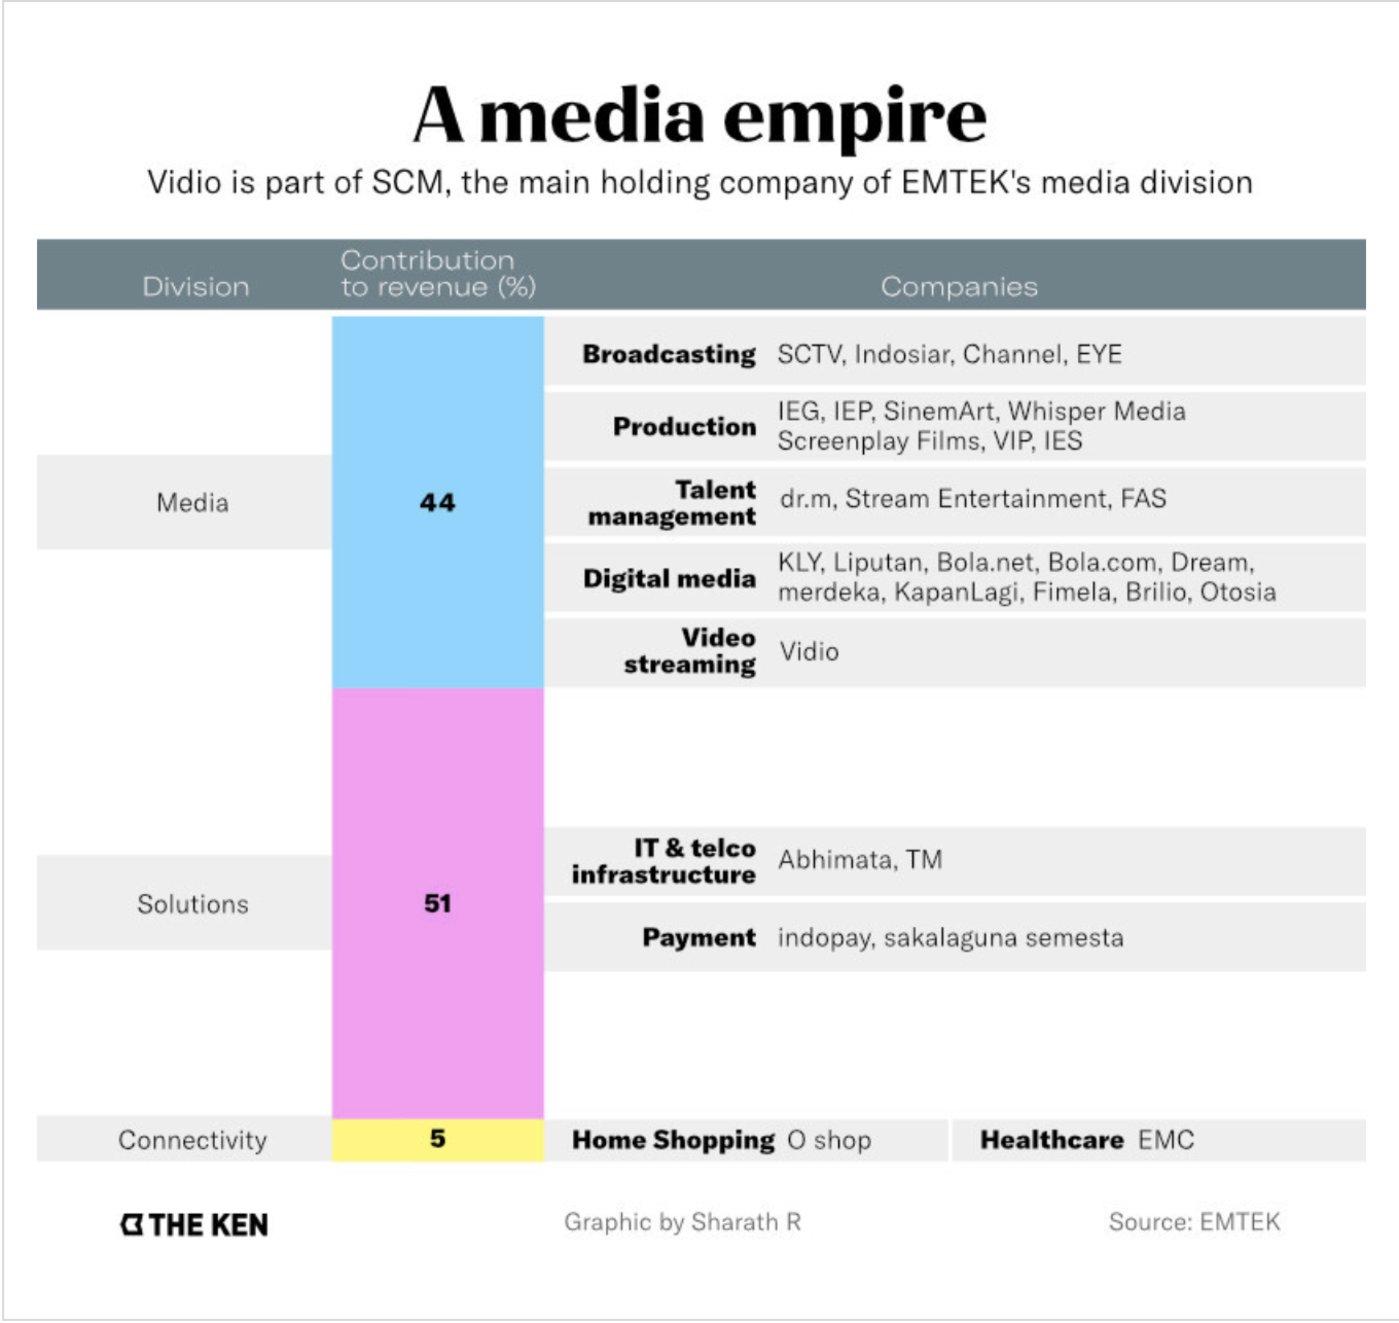 Vidio是SCM的一部分,后者是EMTEK媒体公司的重要组成部分/The Ken